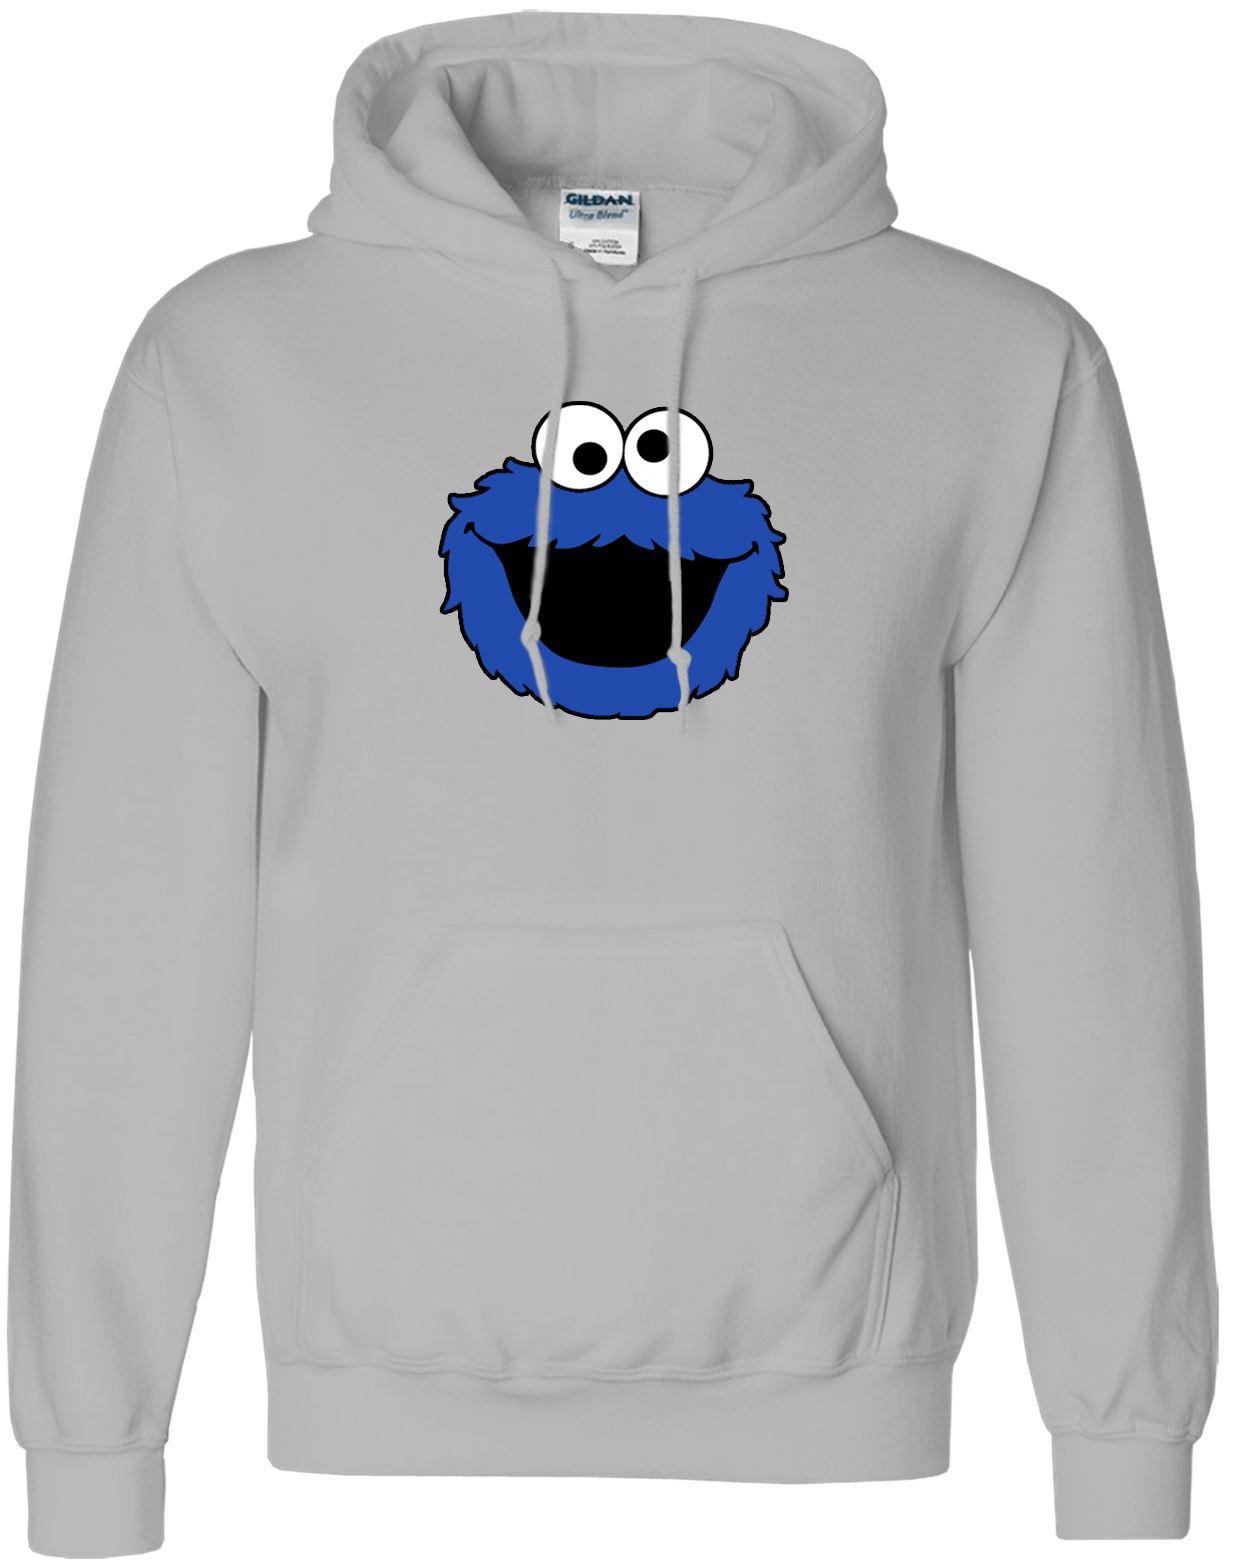 Cookie monster hoodie